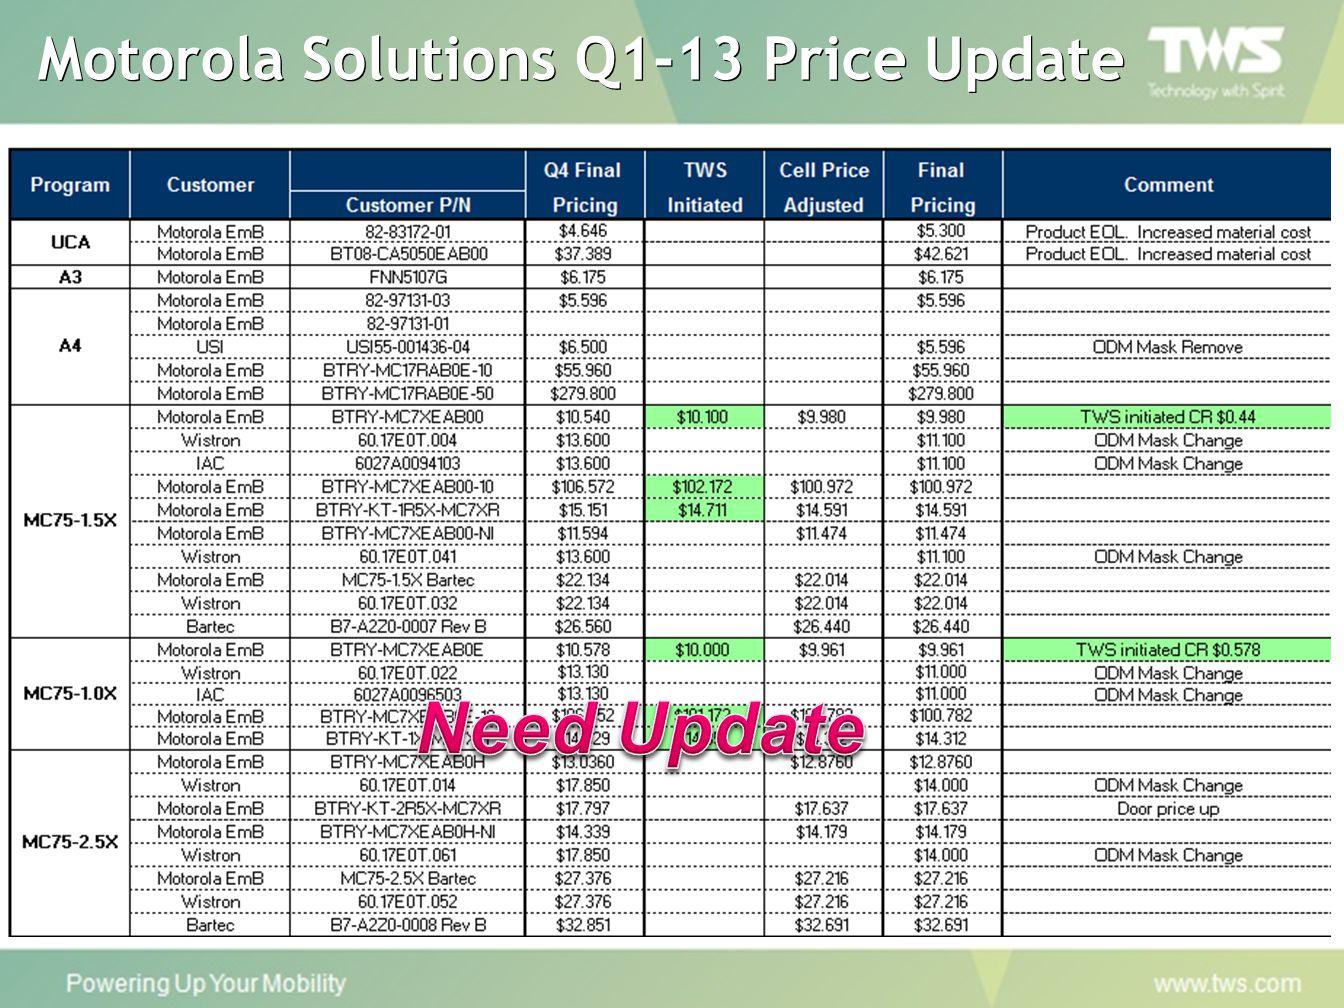 Motorola Solutions Q1-13 Price Update